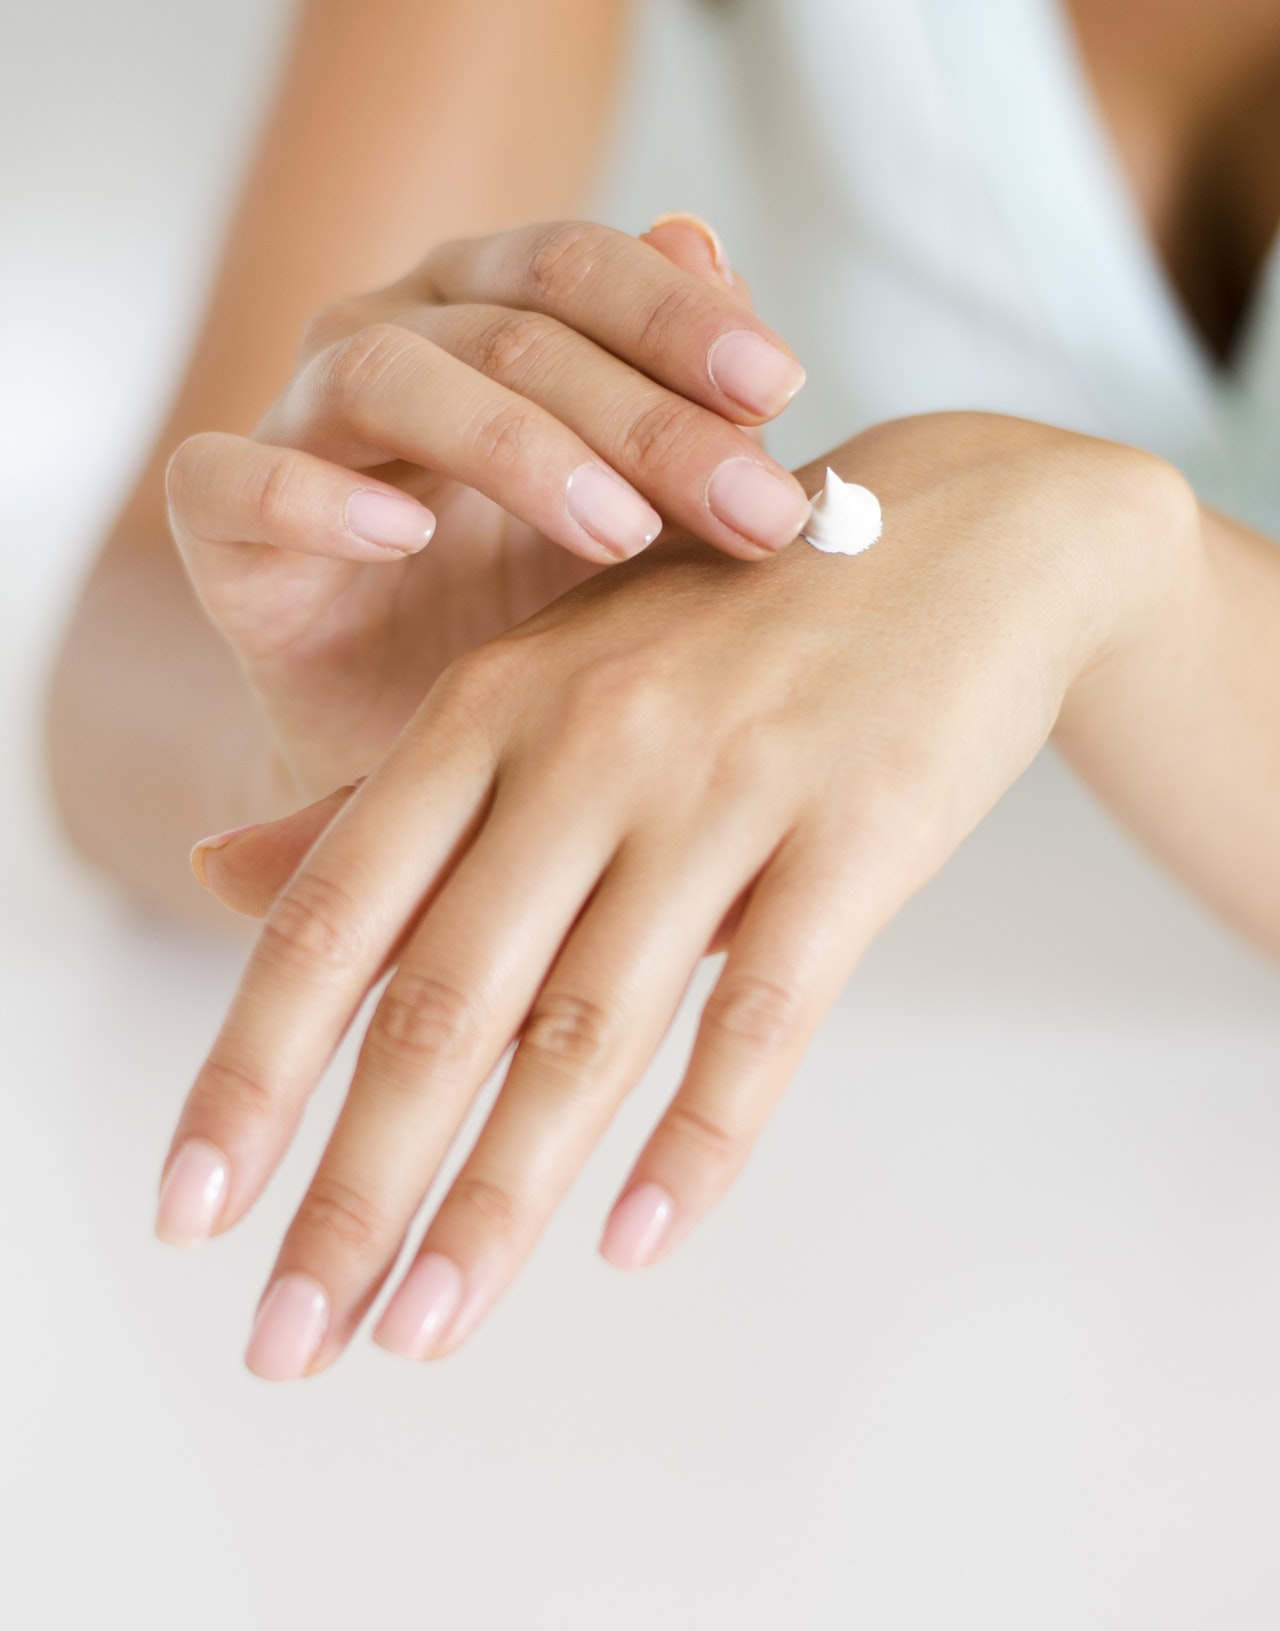 Как да се грижите за ръцете и ноктите си? Подходяща грижа вкъщи и в салона за красота